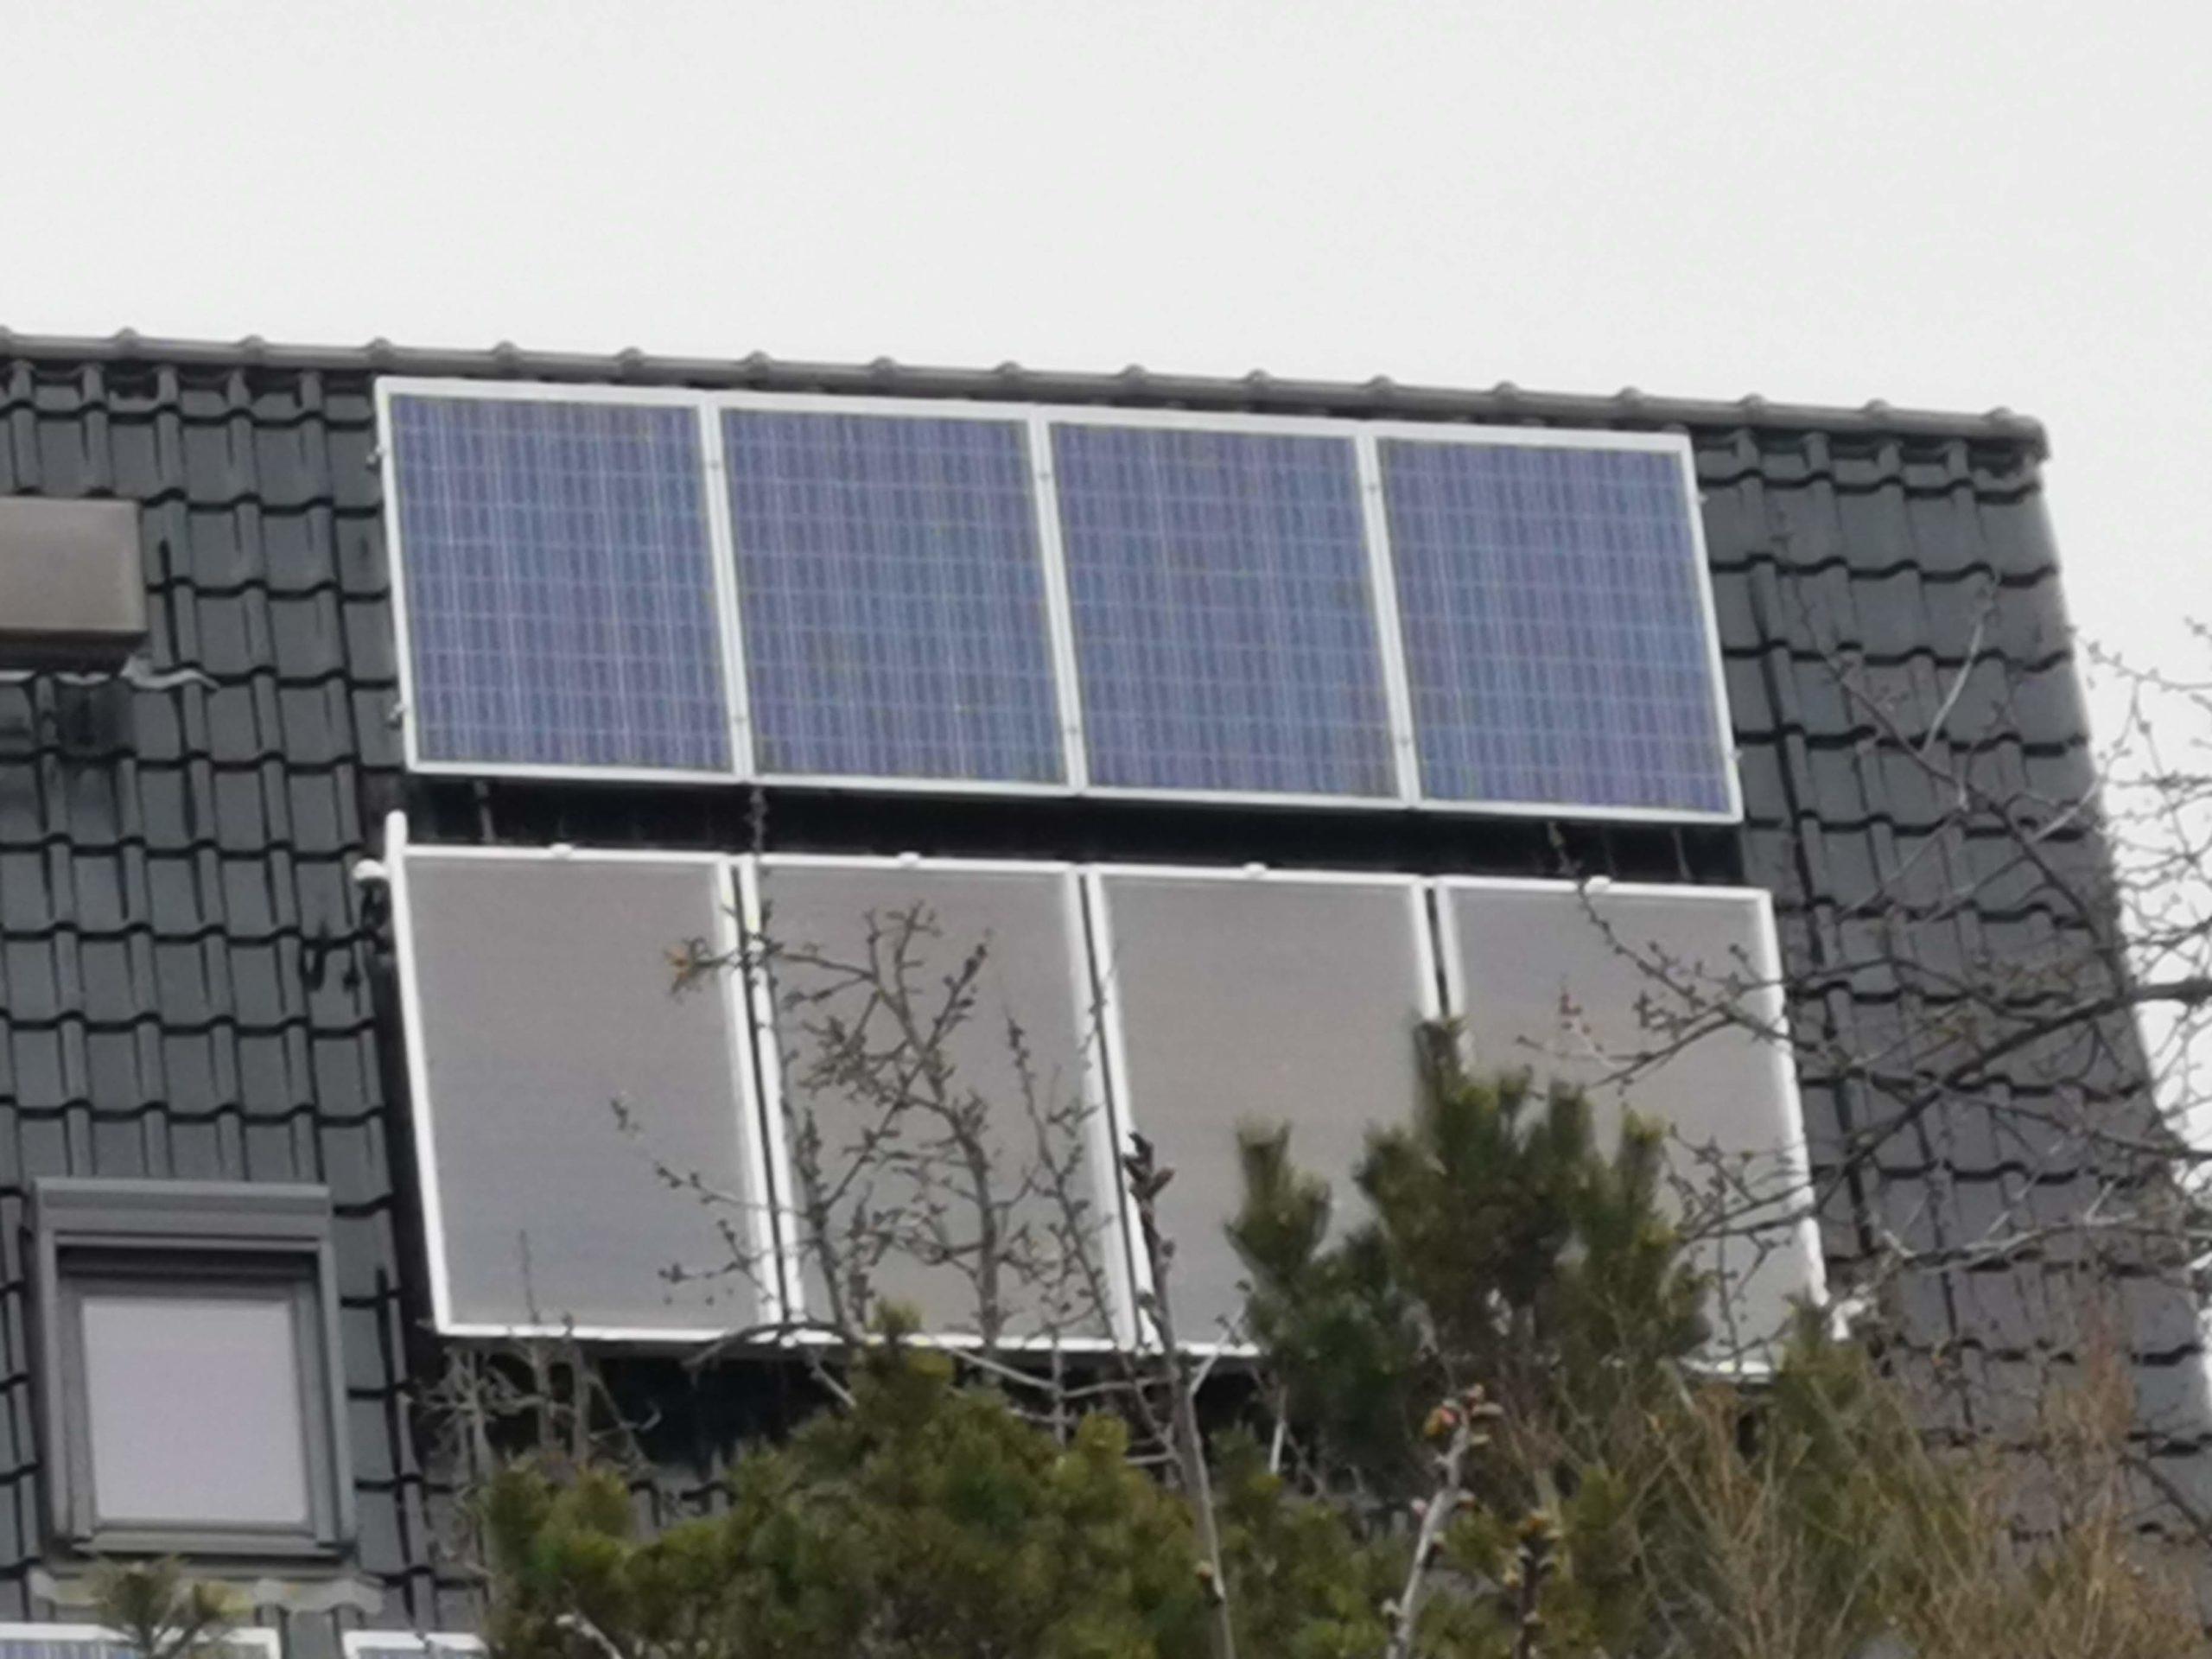 Solarpaneele auf einem Dach in Mahlsdorf